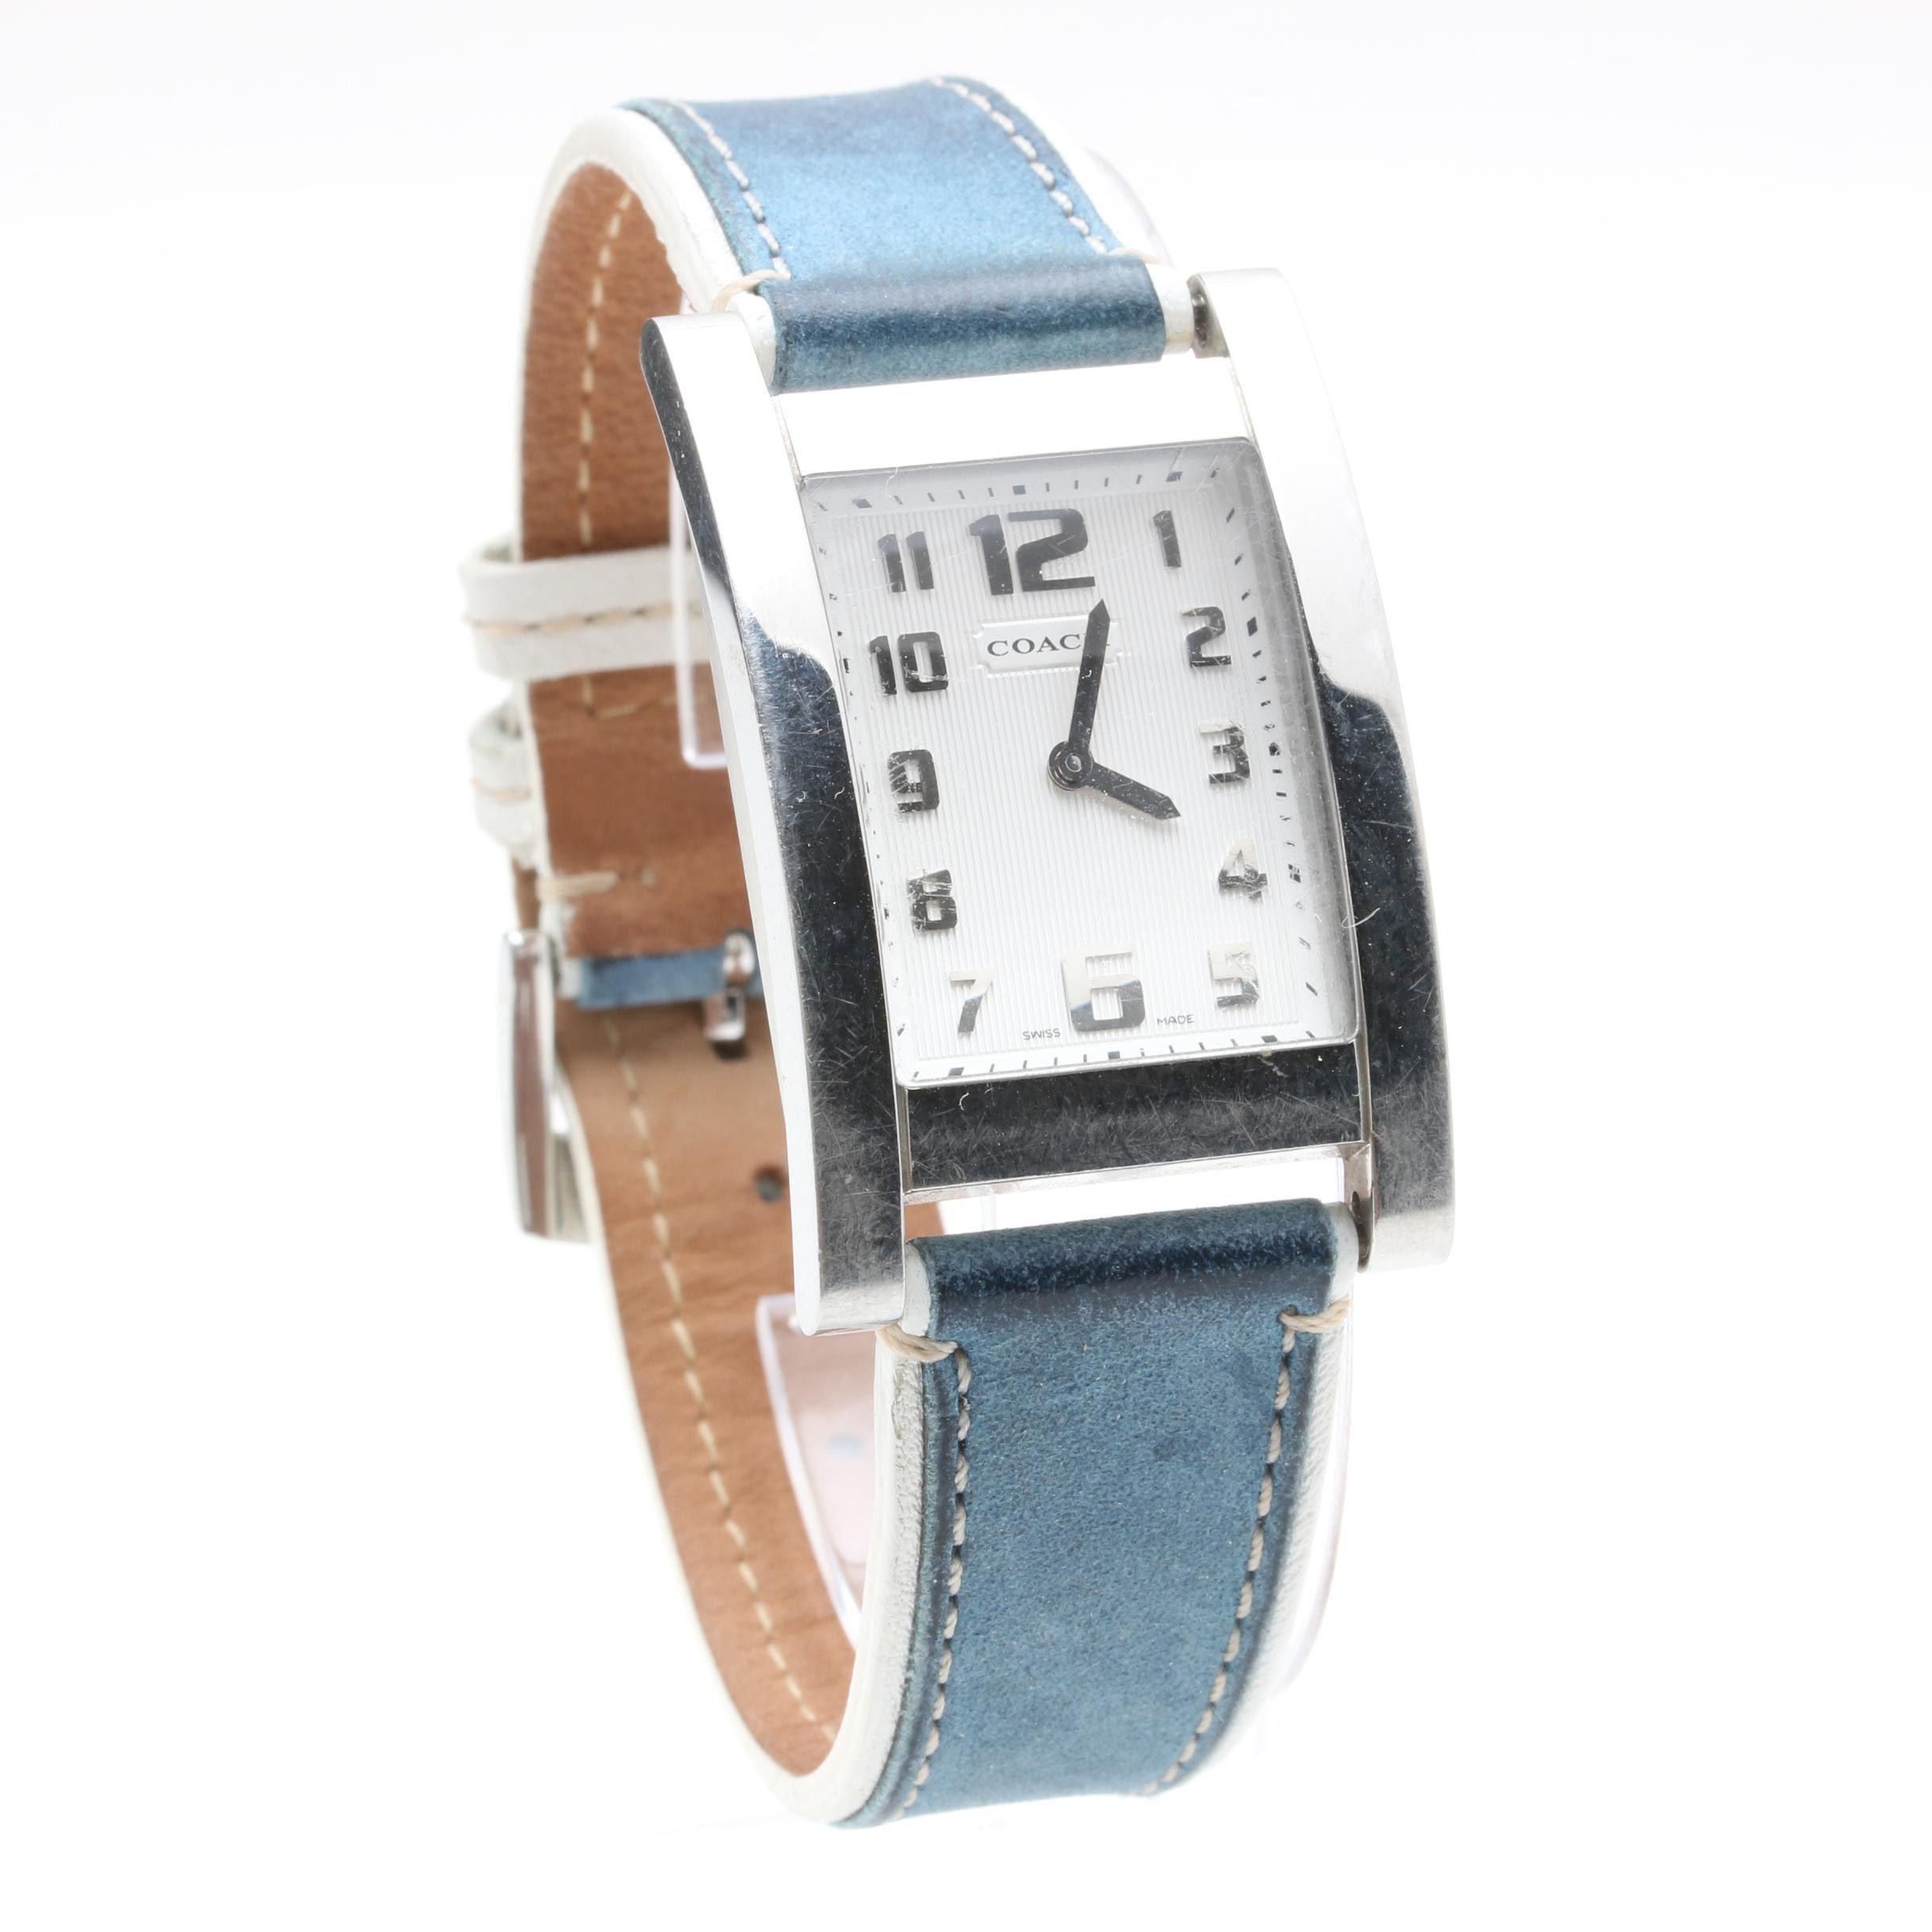 Coach Swiss Made Wristwatch